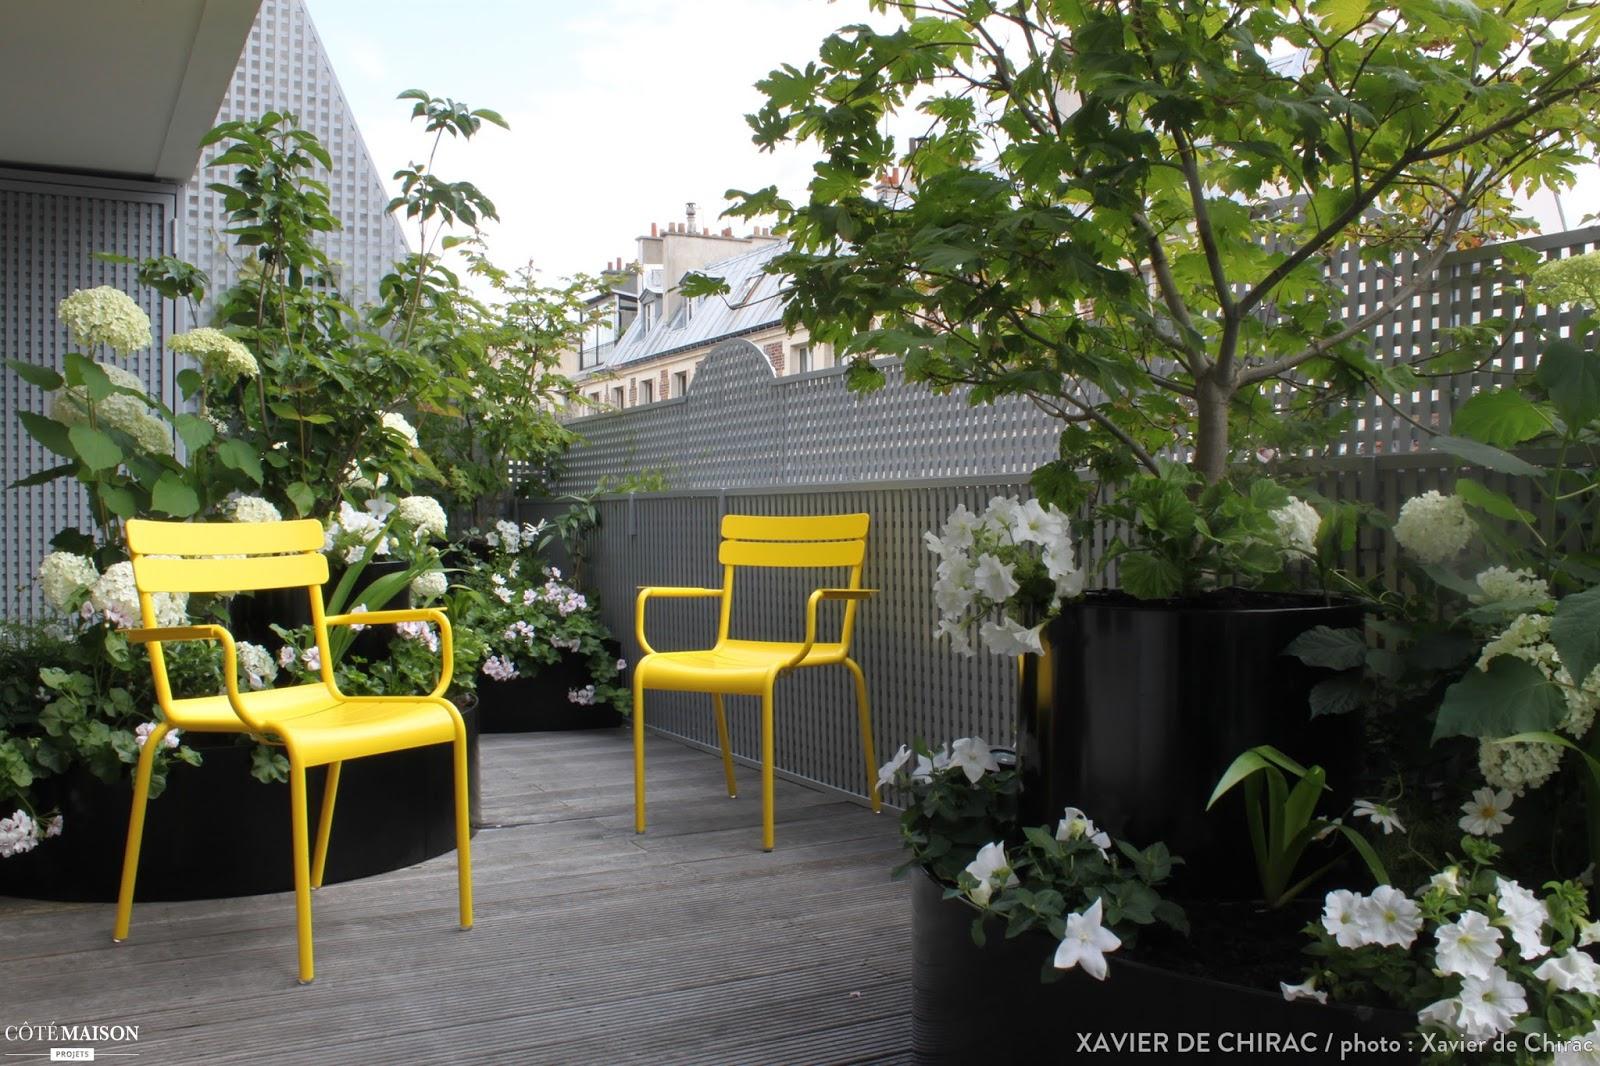 Semaine 29 2015 sur les blogs d co for Jardin xavier de chirac